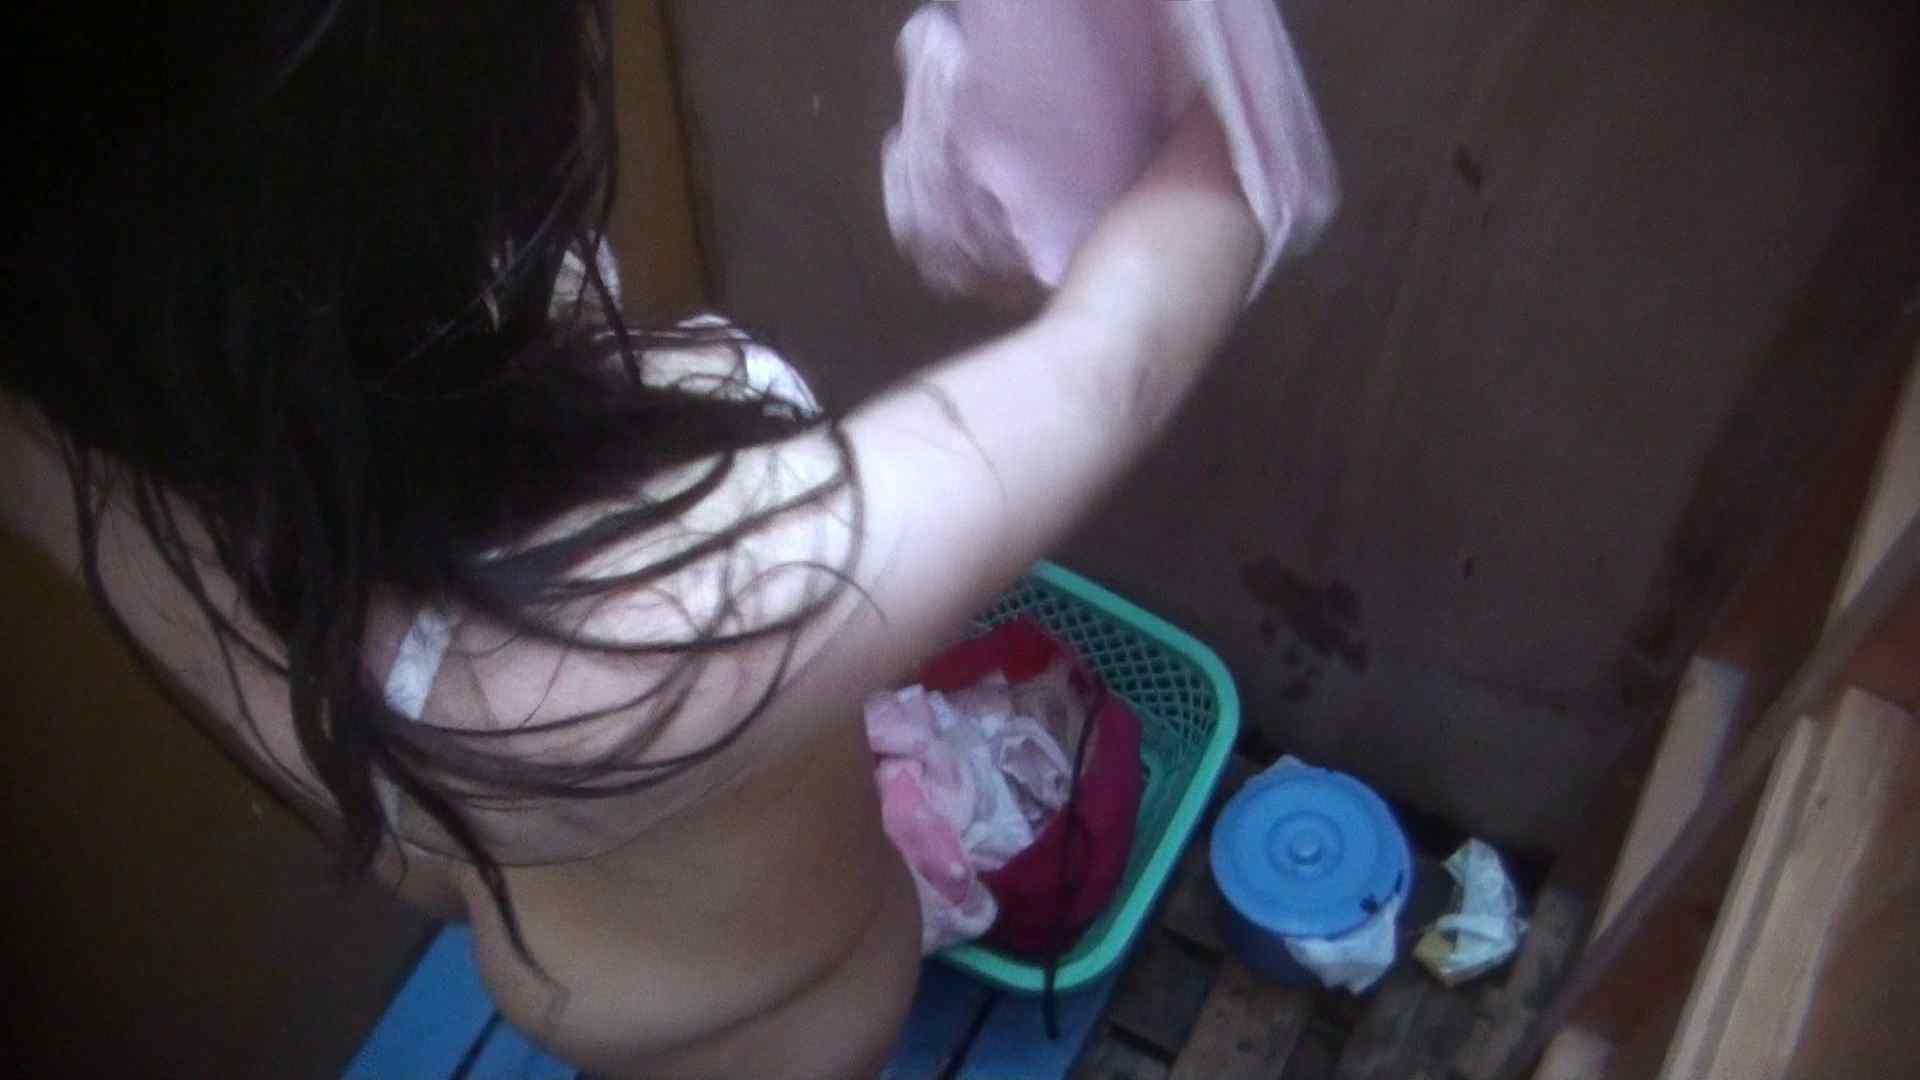 シャワールームは超!!危険な香りVol.13 ムッチムチのいやらしい身体つき シャワー  111pic 87